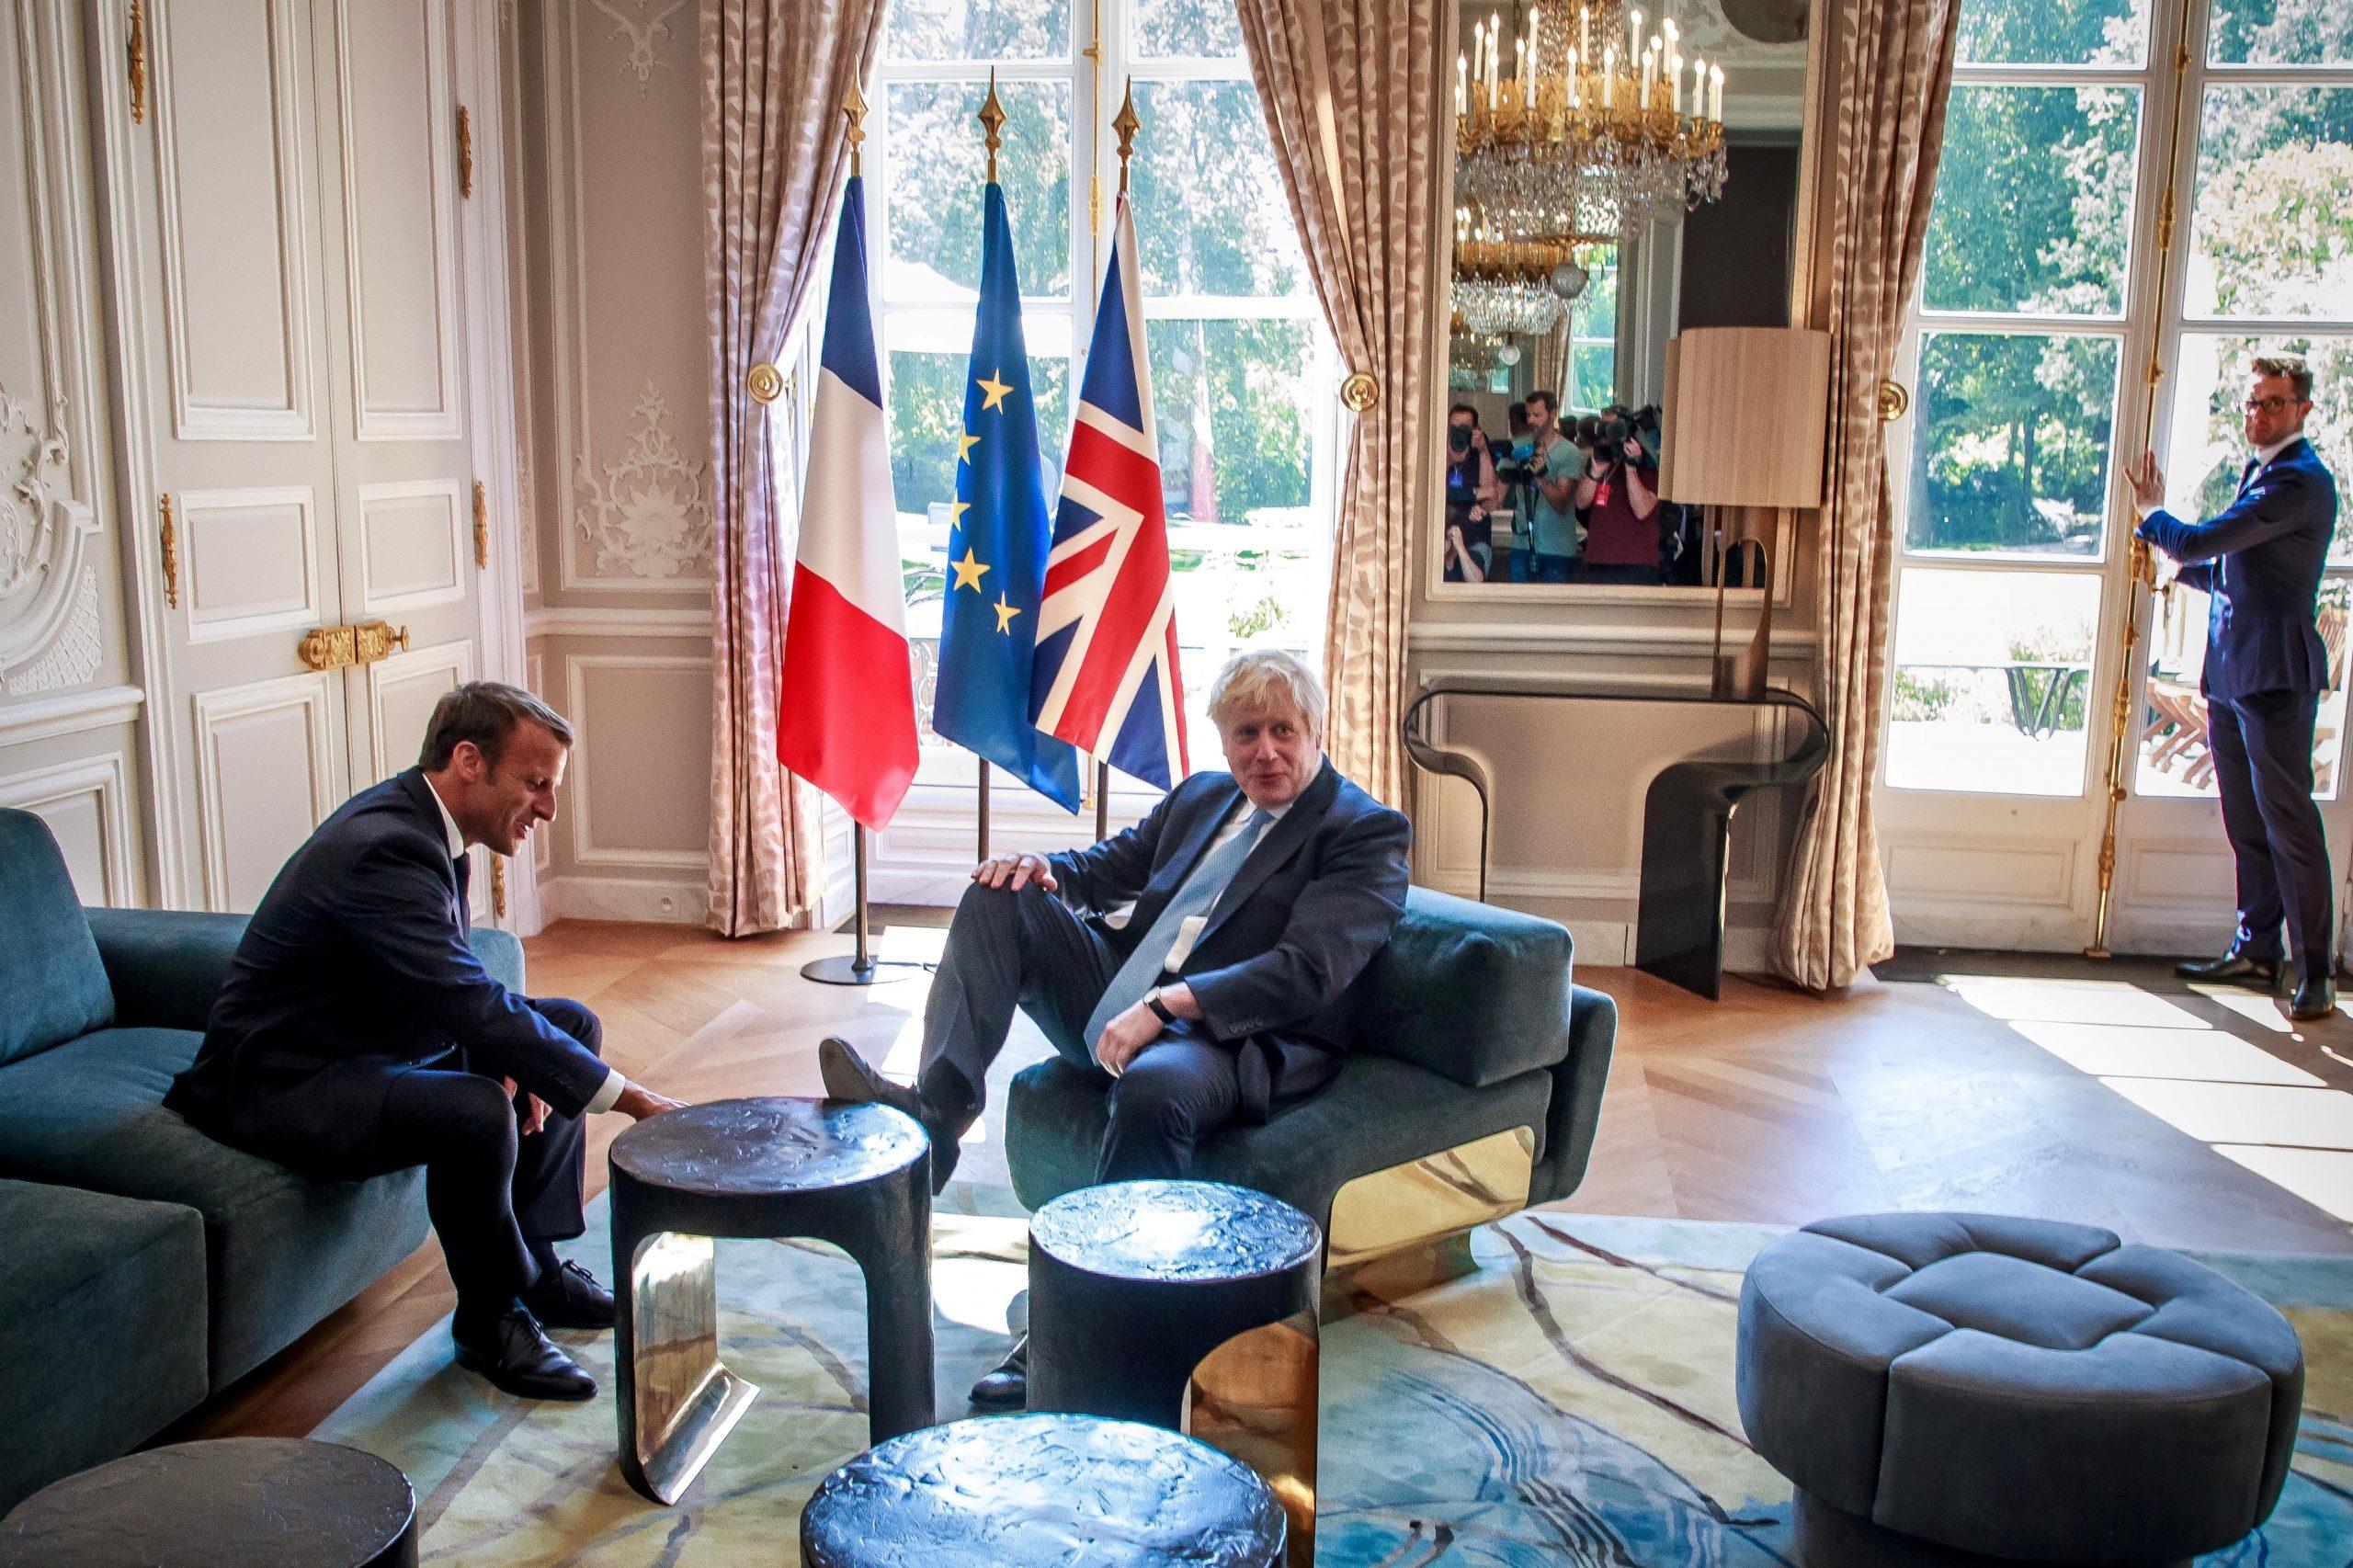 İngiltere Başbakanı Boris Johnson, ayağını sehpanın üzerine attı